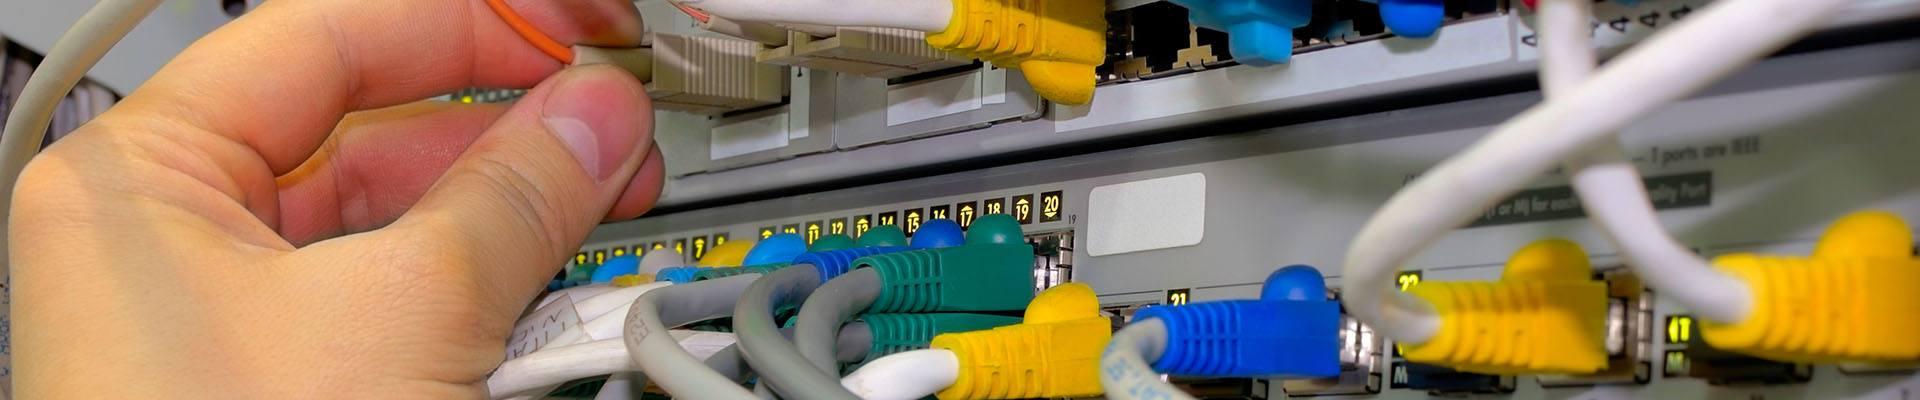 Network Cabling in Palm Beach, Wellington, West Palm Beach, Boynton Beach